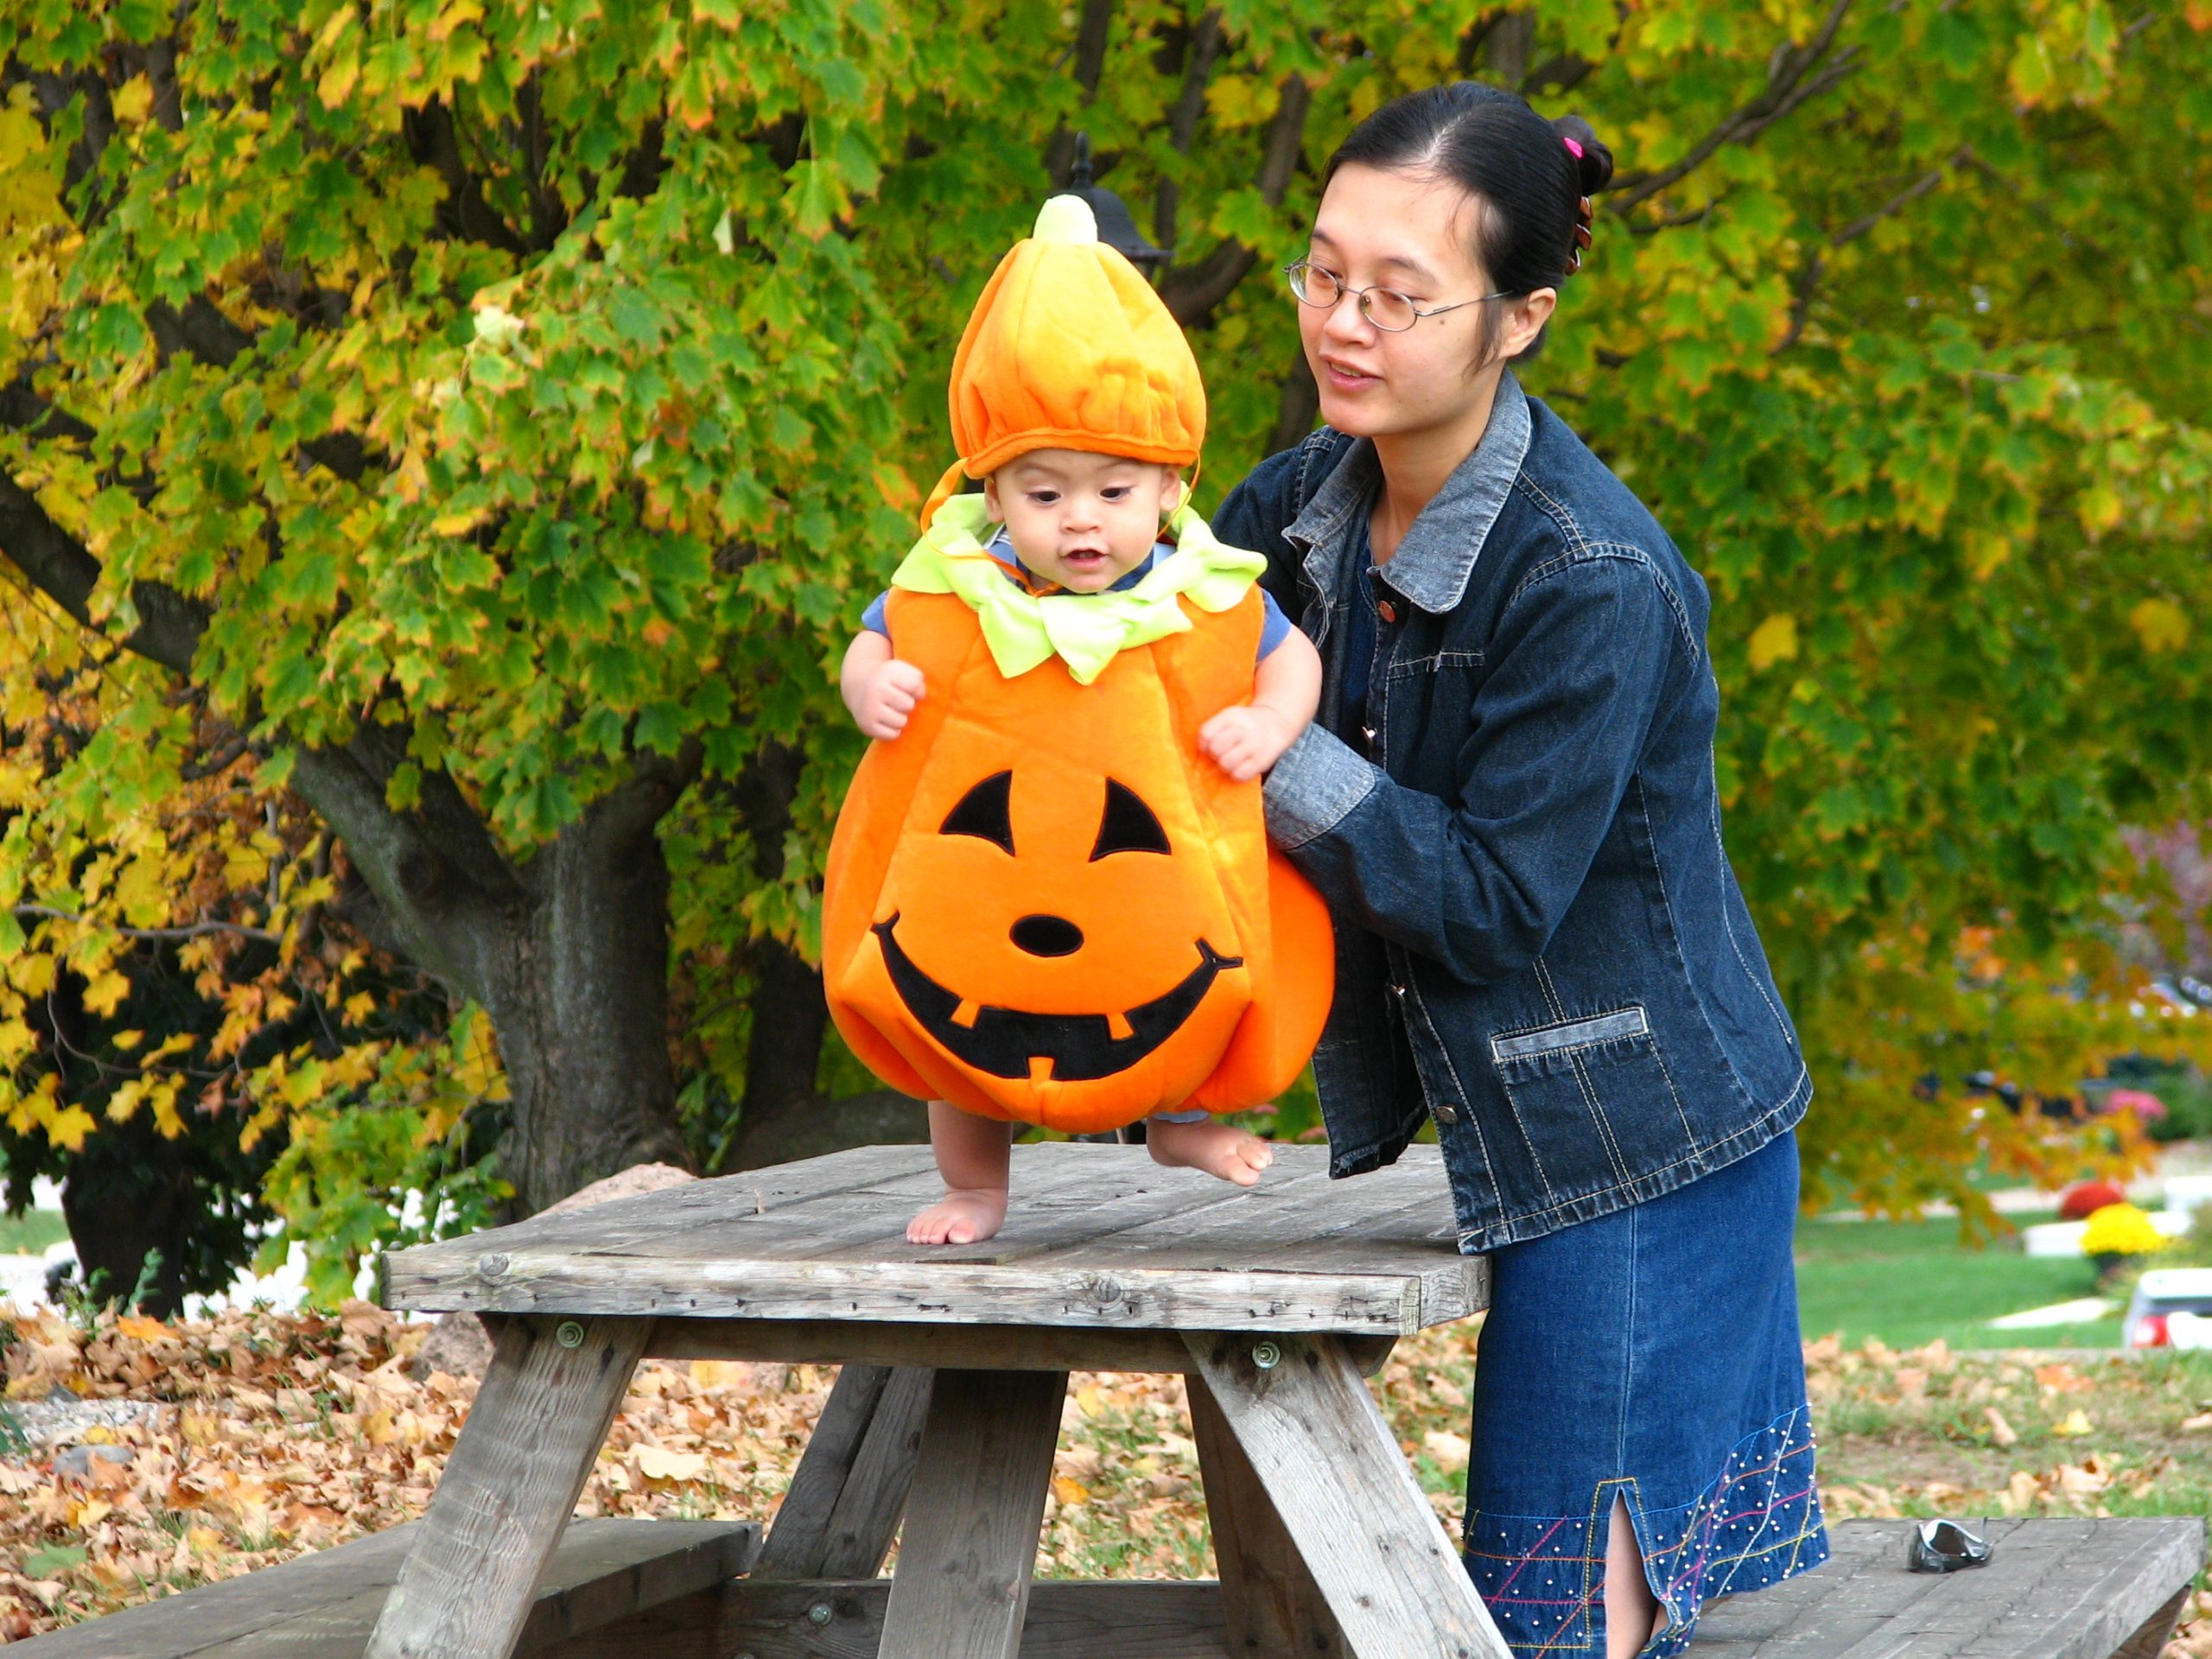 Un costume de citrouille, l'une des meilleures idées de costume d'Halloween pour enfants.